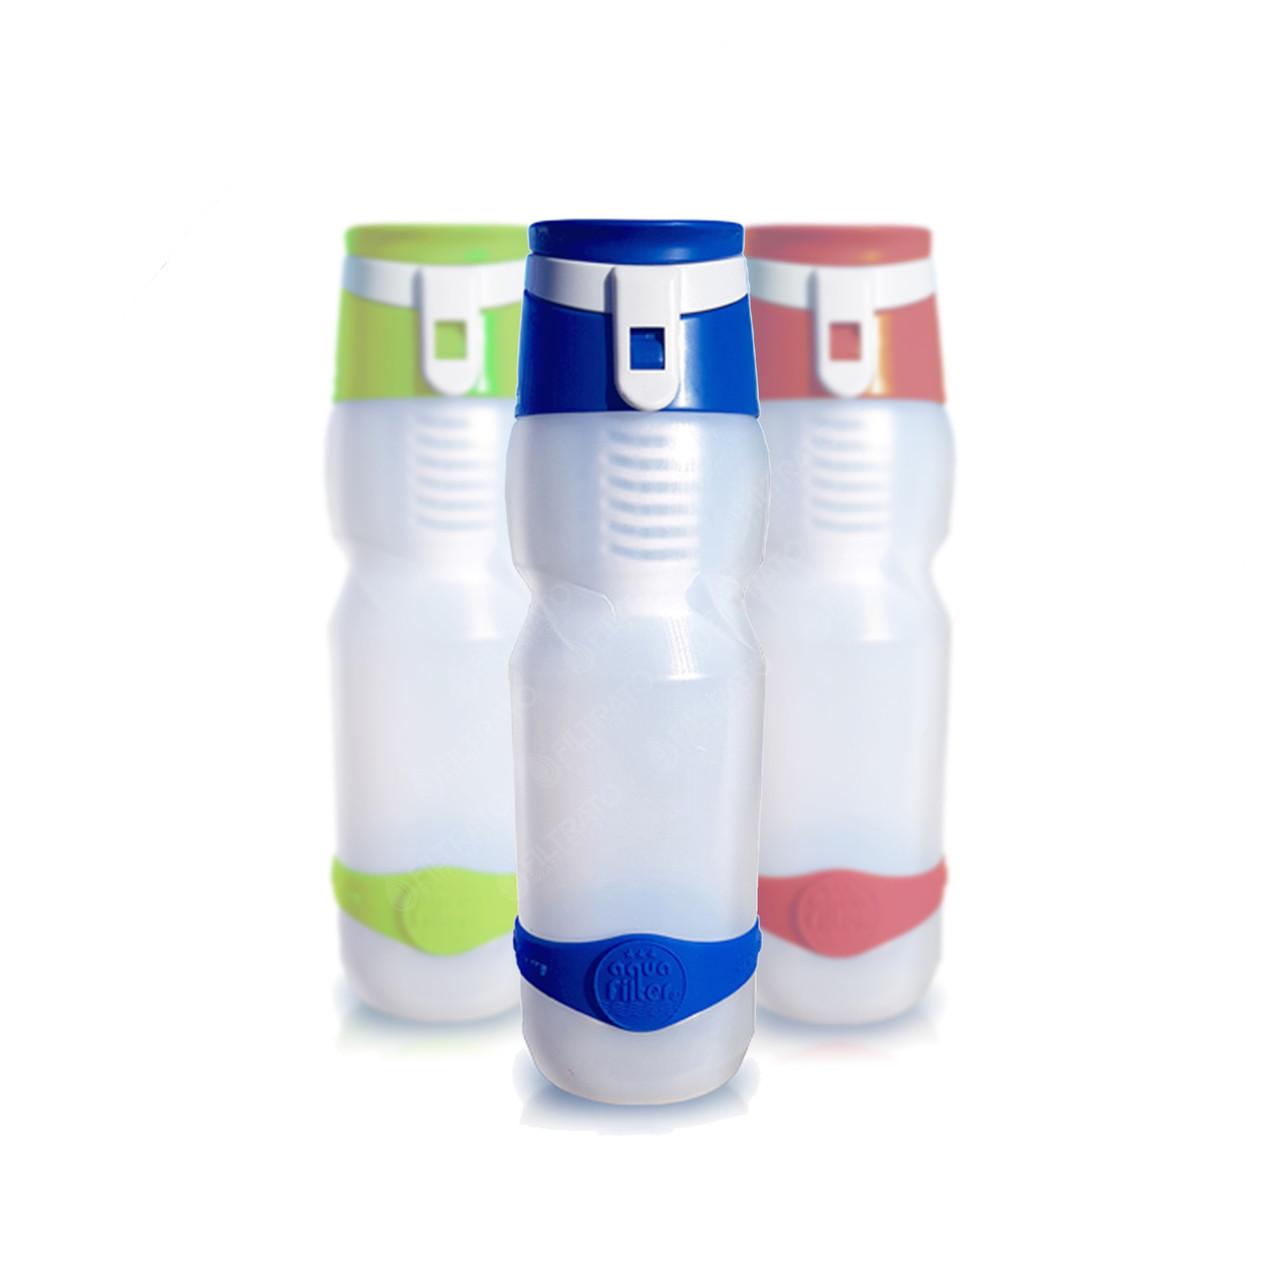 Бутылка DWETS с фильтром в синем, красном и зеленом цвете